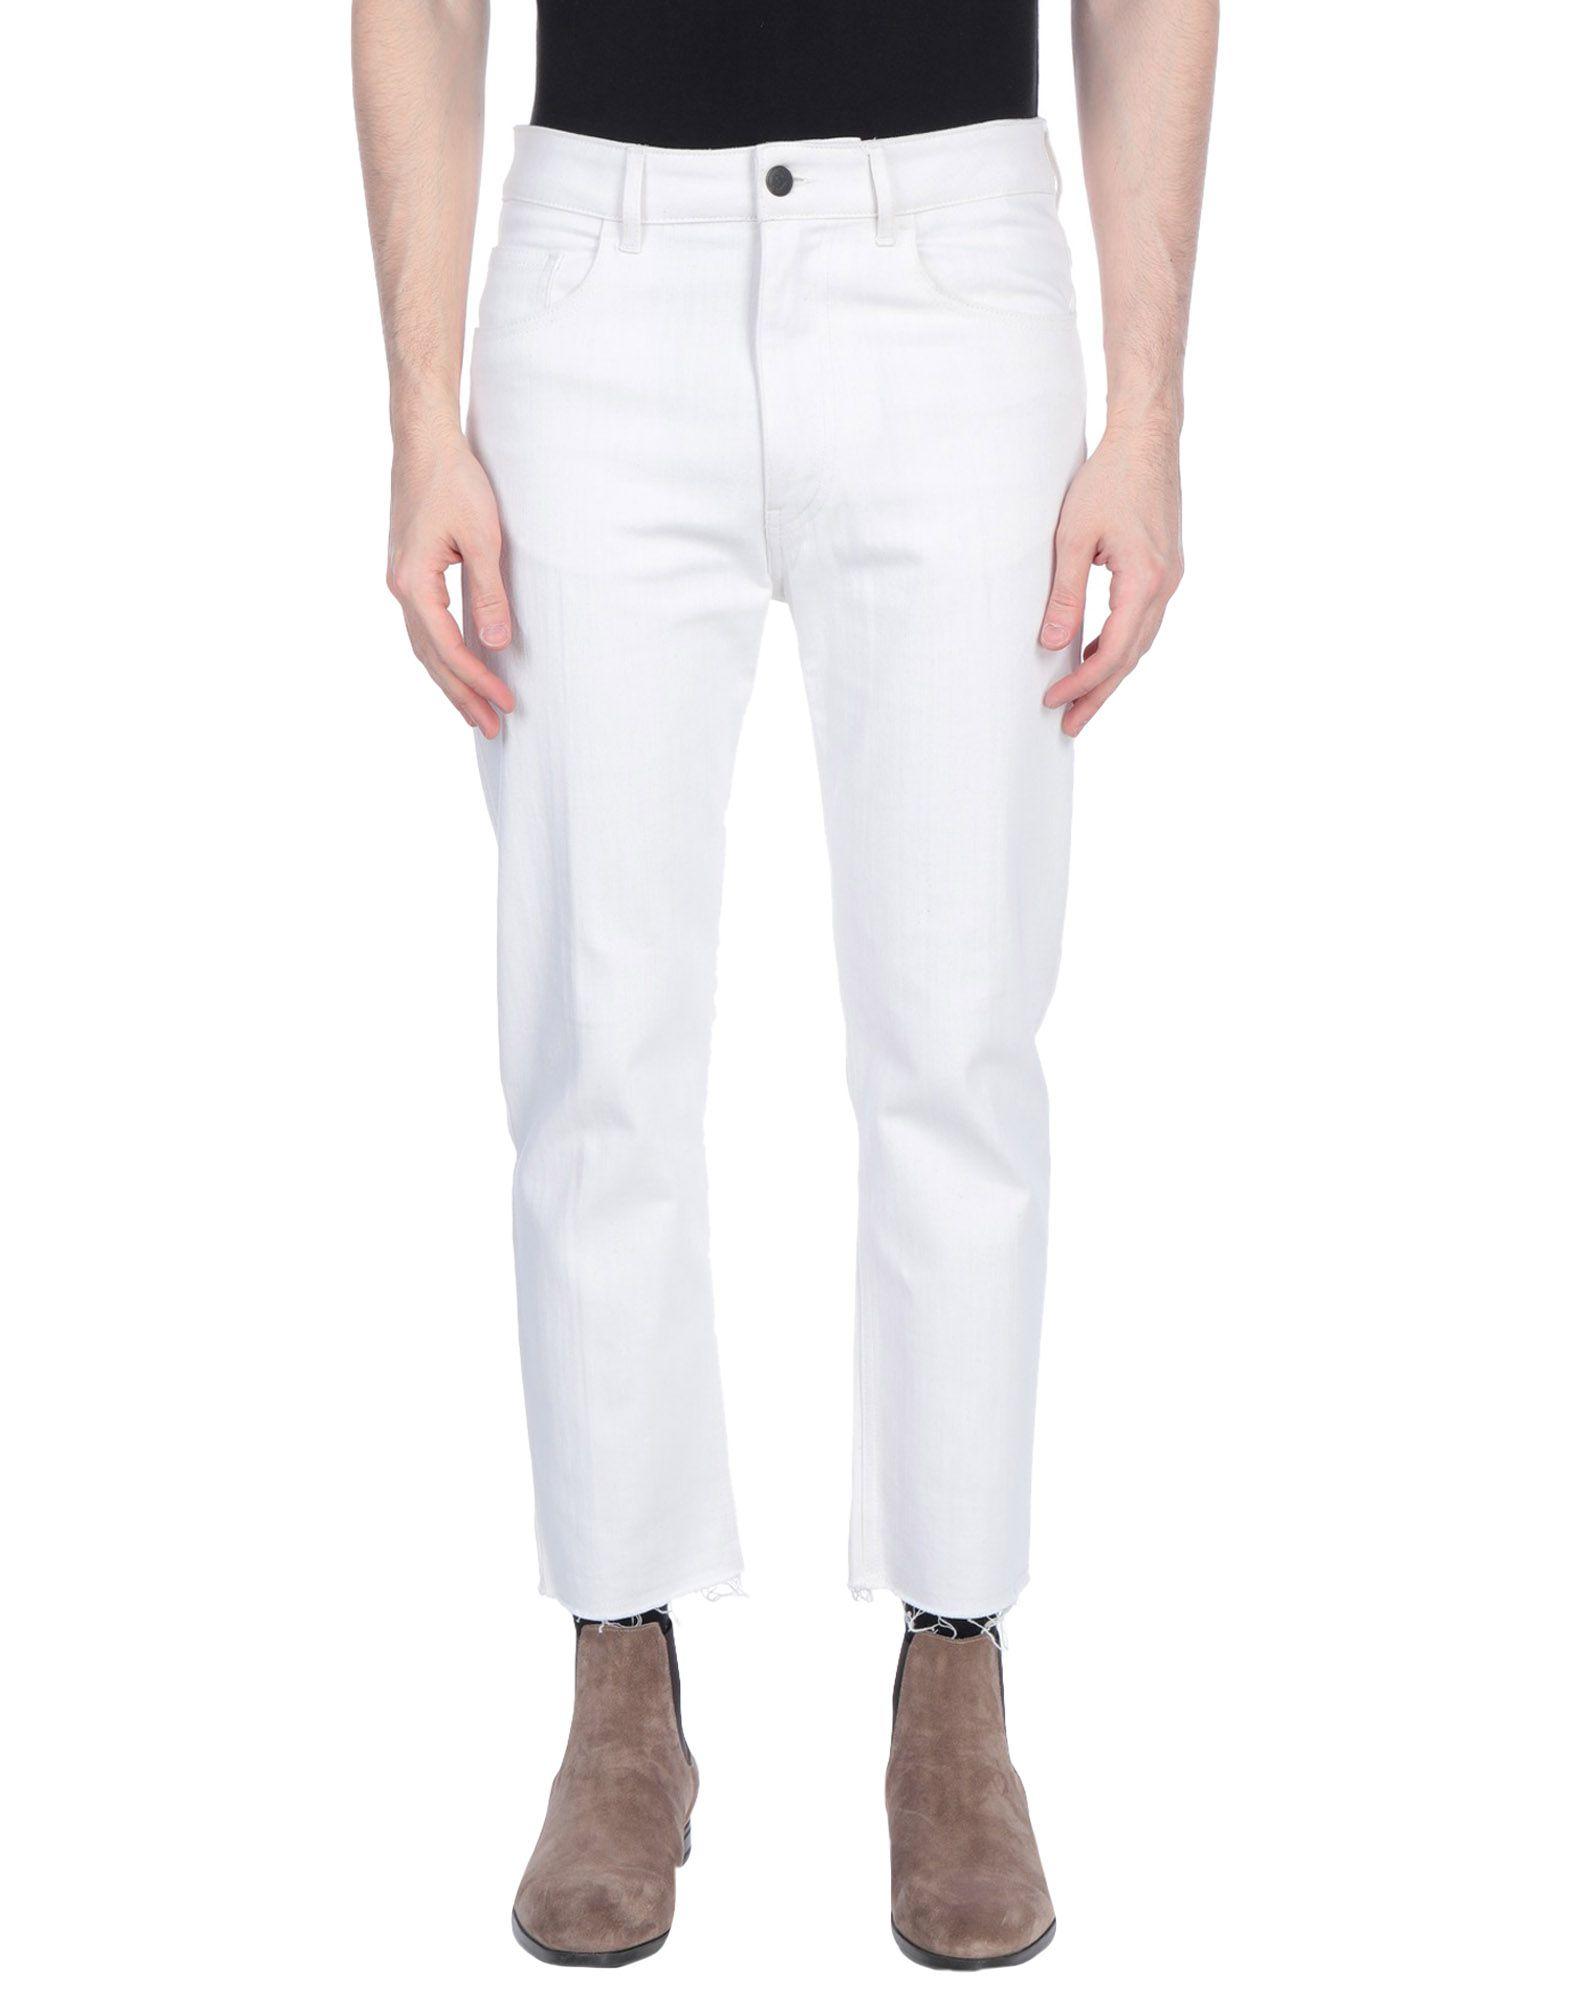 CHOICE NICOLA PELINGA Джинсовые брюки choice nicola pelinga джинсовые брюки